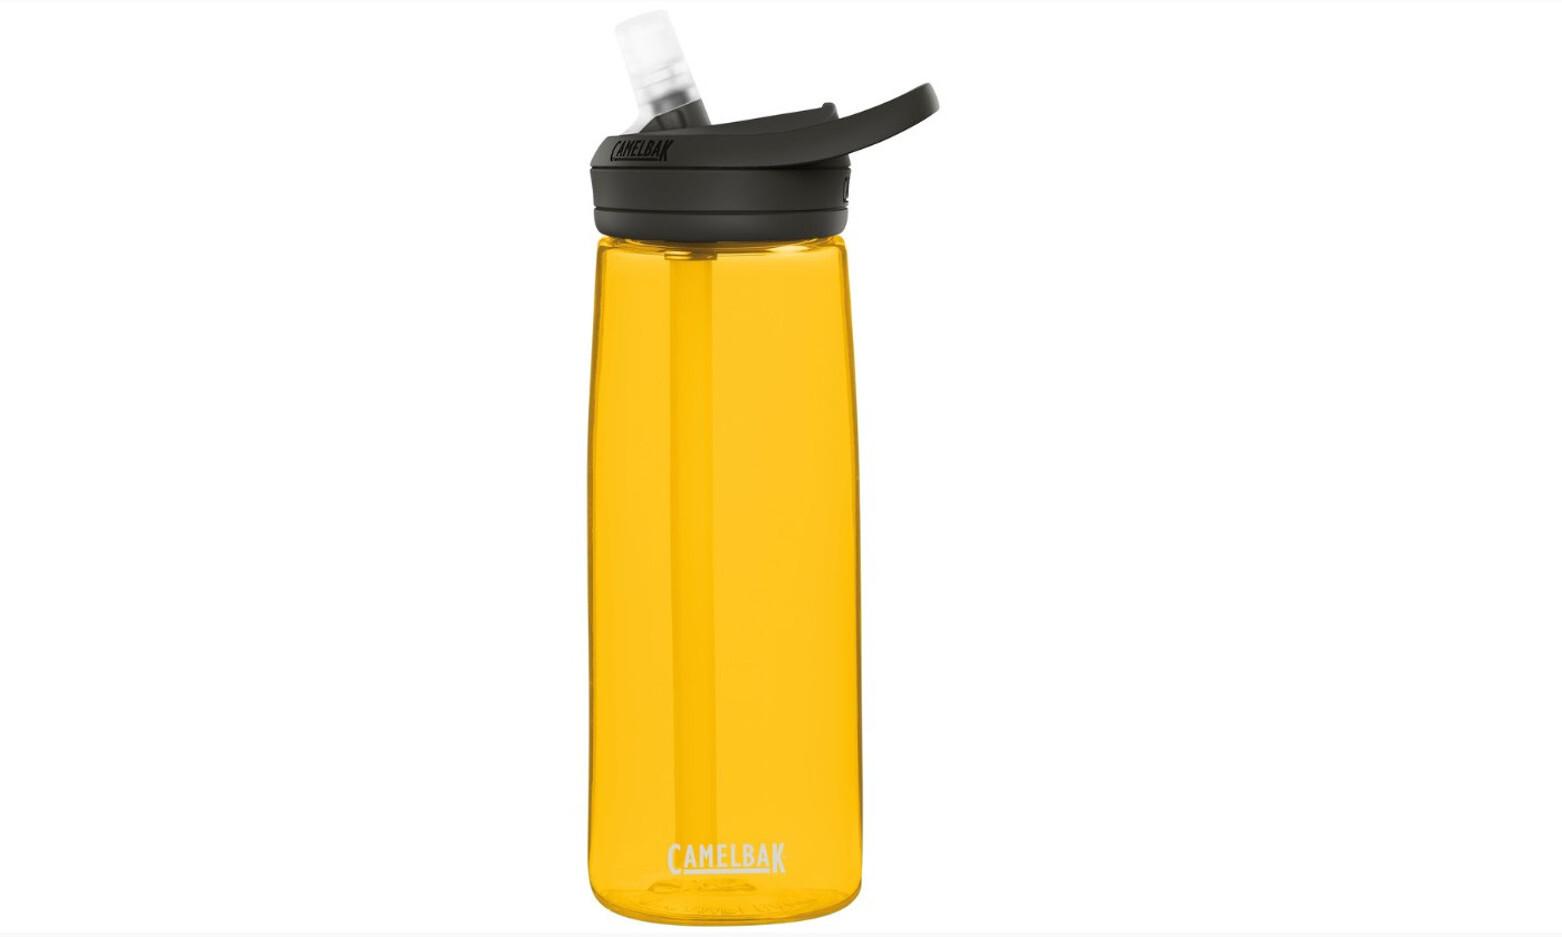 CamelBak Eddy+ Drikkeflaske 750ml, yellow   Drikkedunke